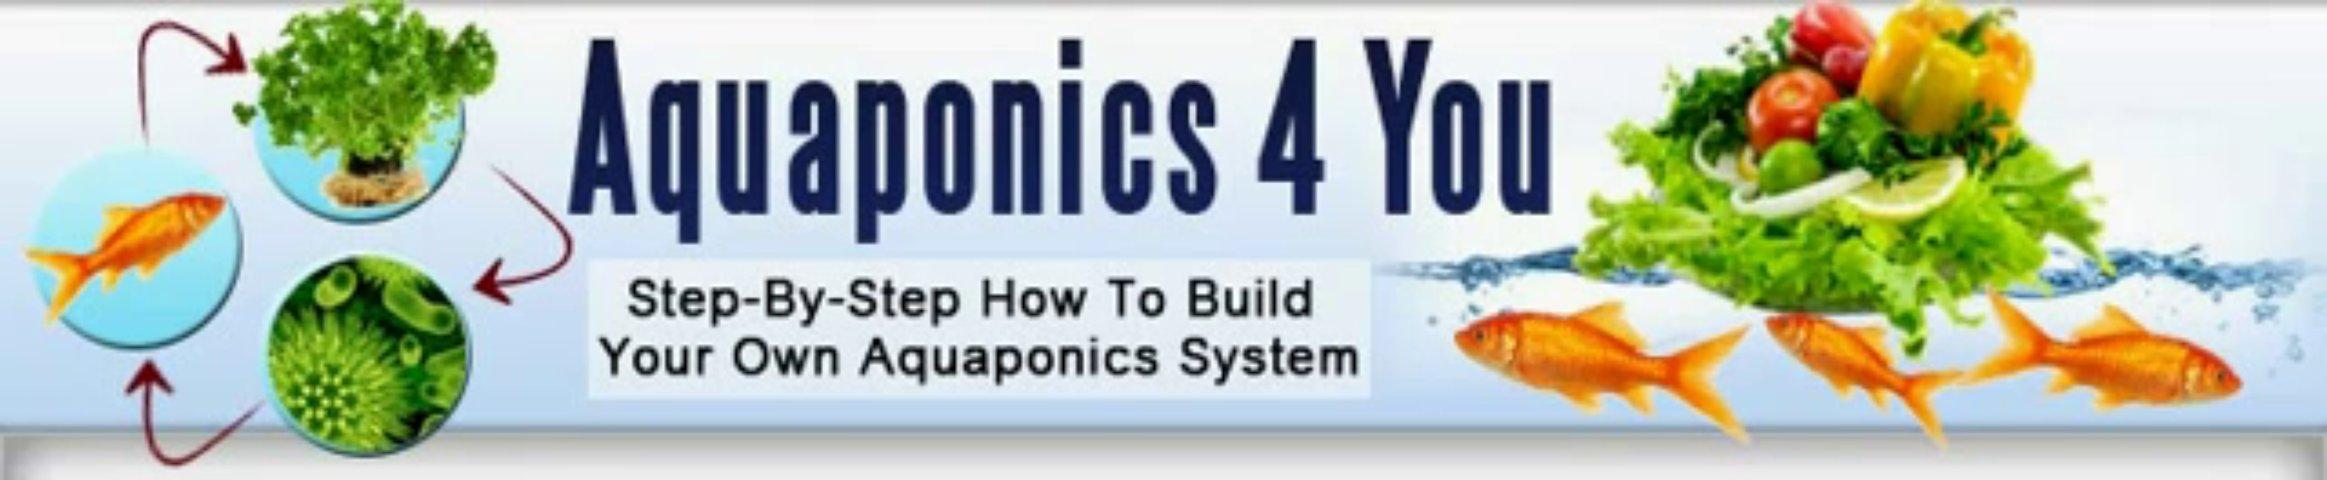 Aquaponics 4 You – A Review + Bonus